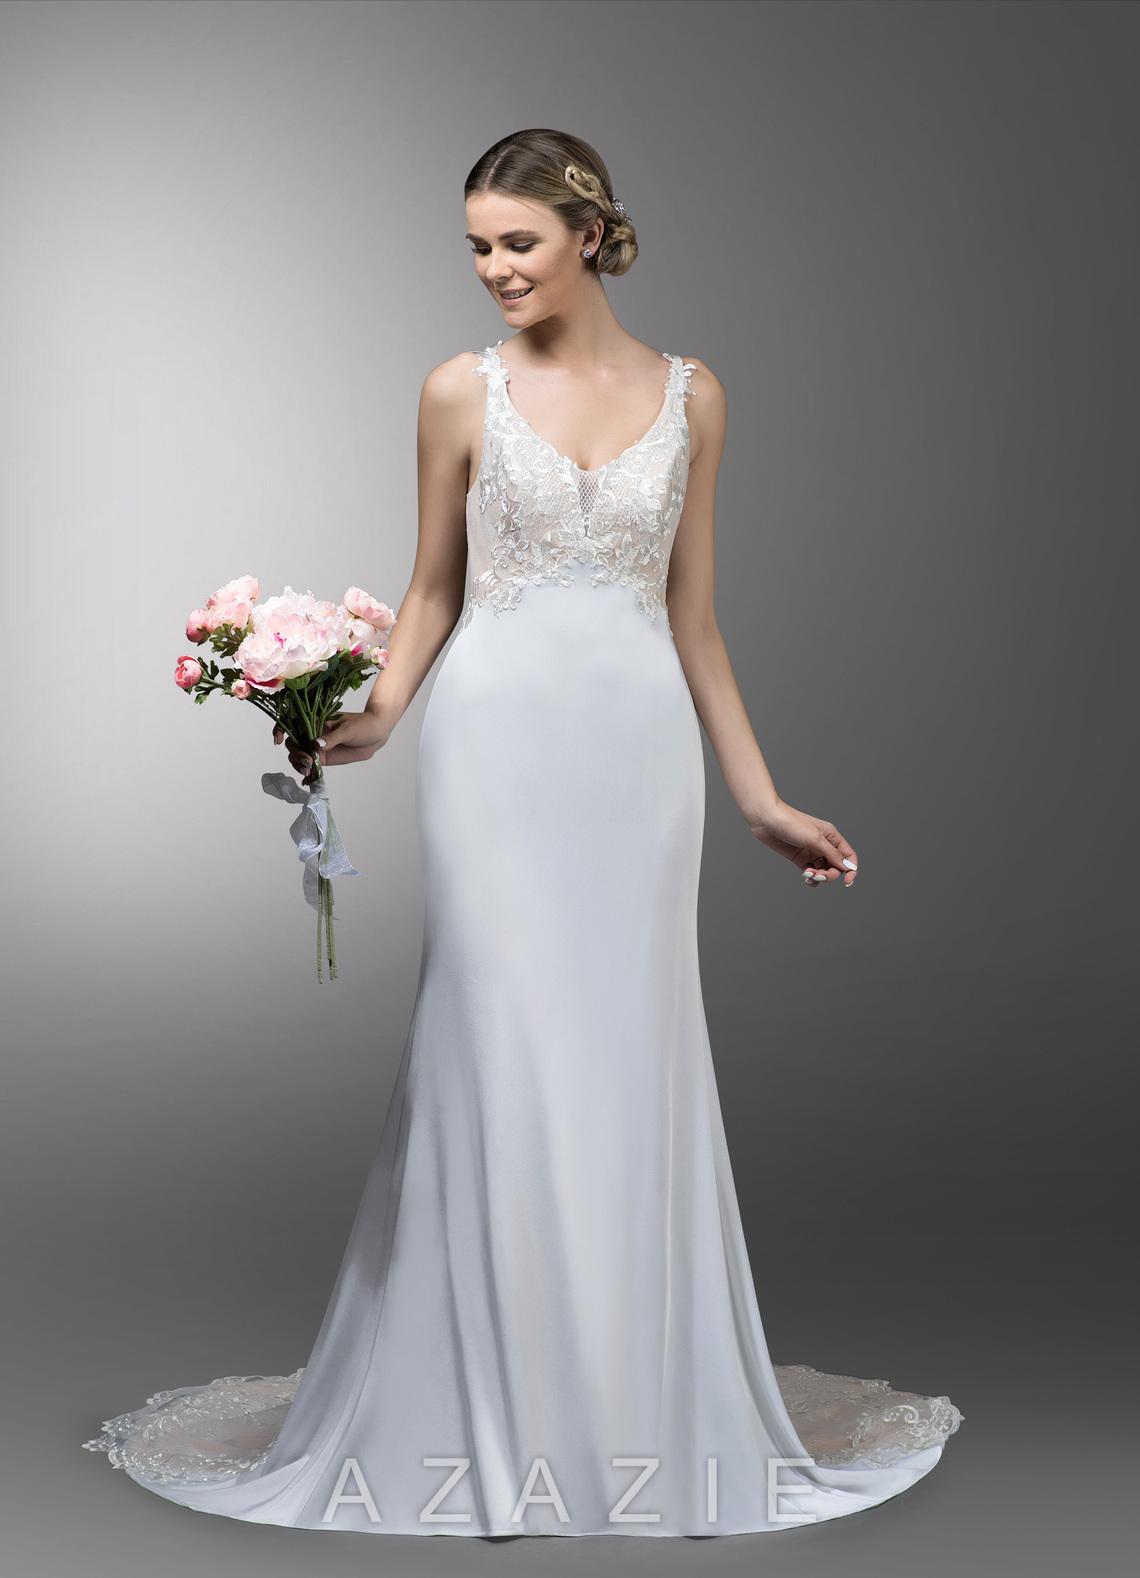 3570a94f6069 Azazie Giada BG Wedding Dress | Azazie